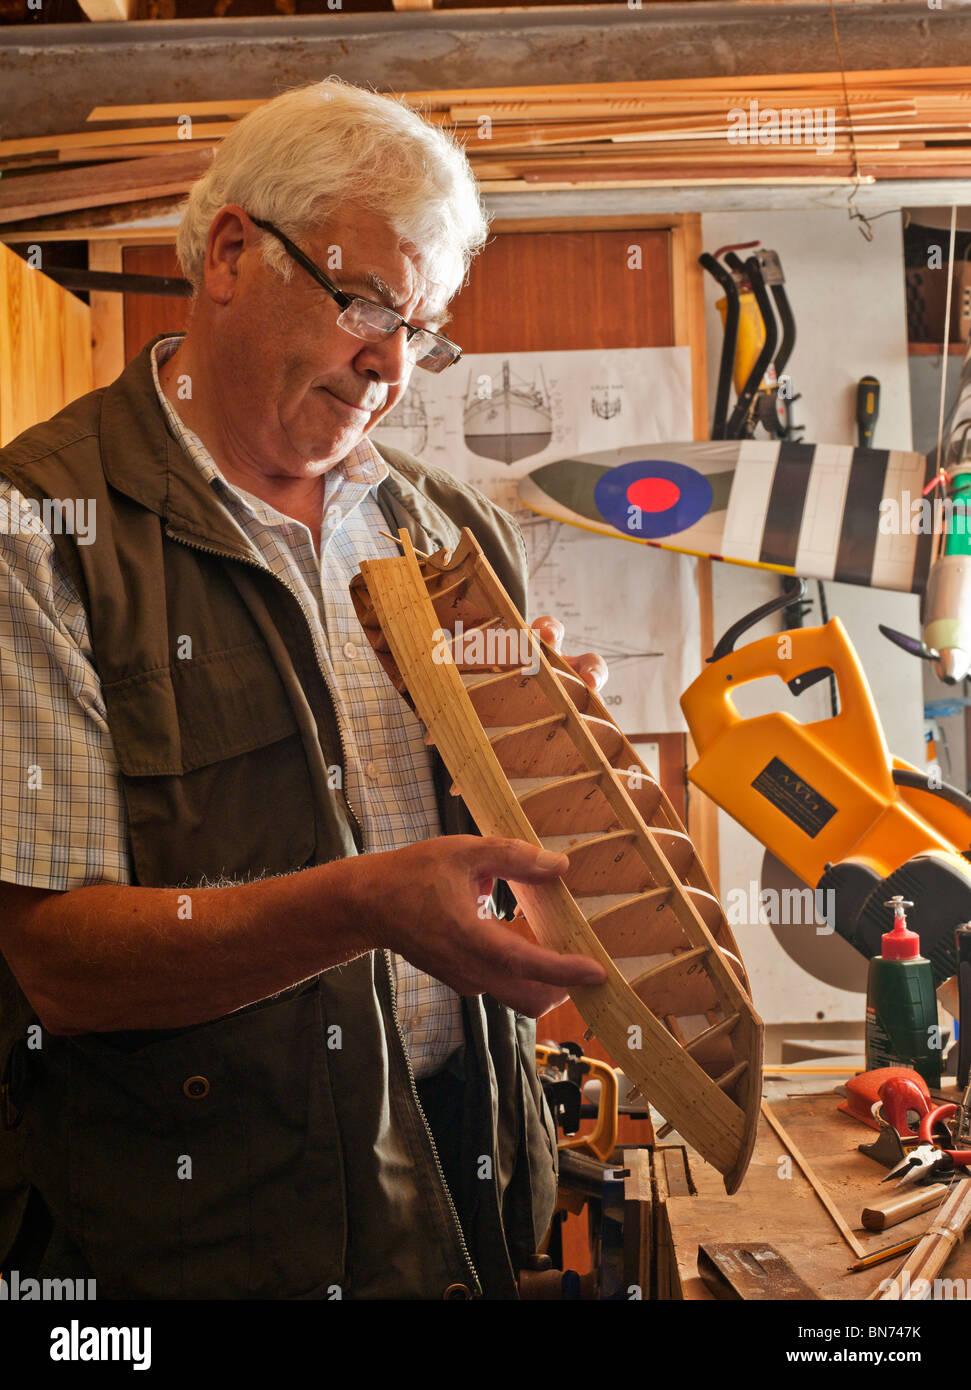 Hombre jubilado haciendo barco modelo de madera. Foto de stock